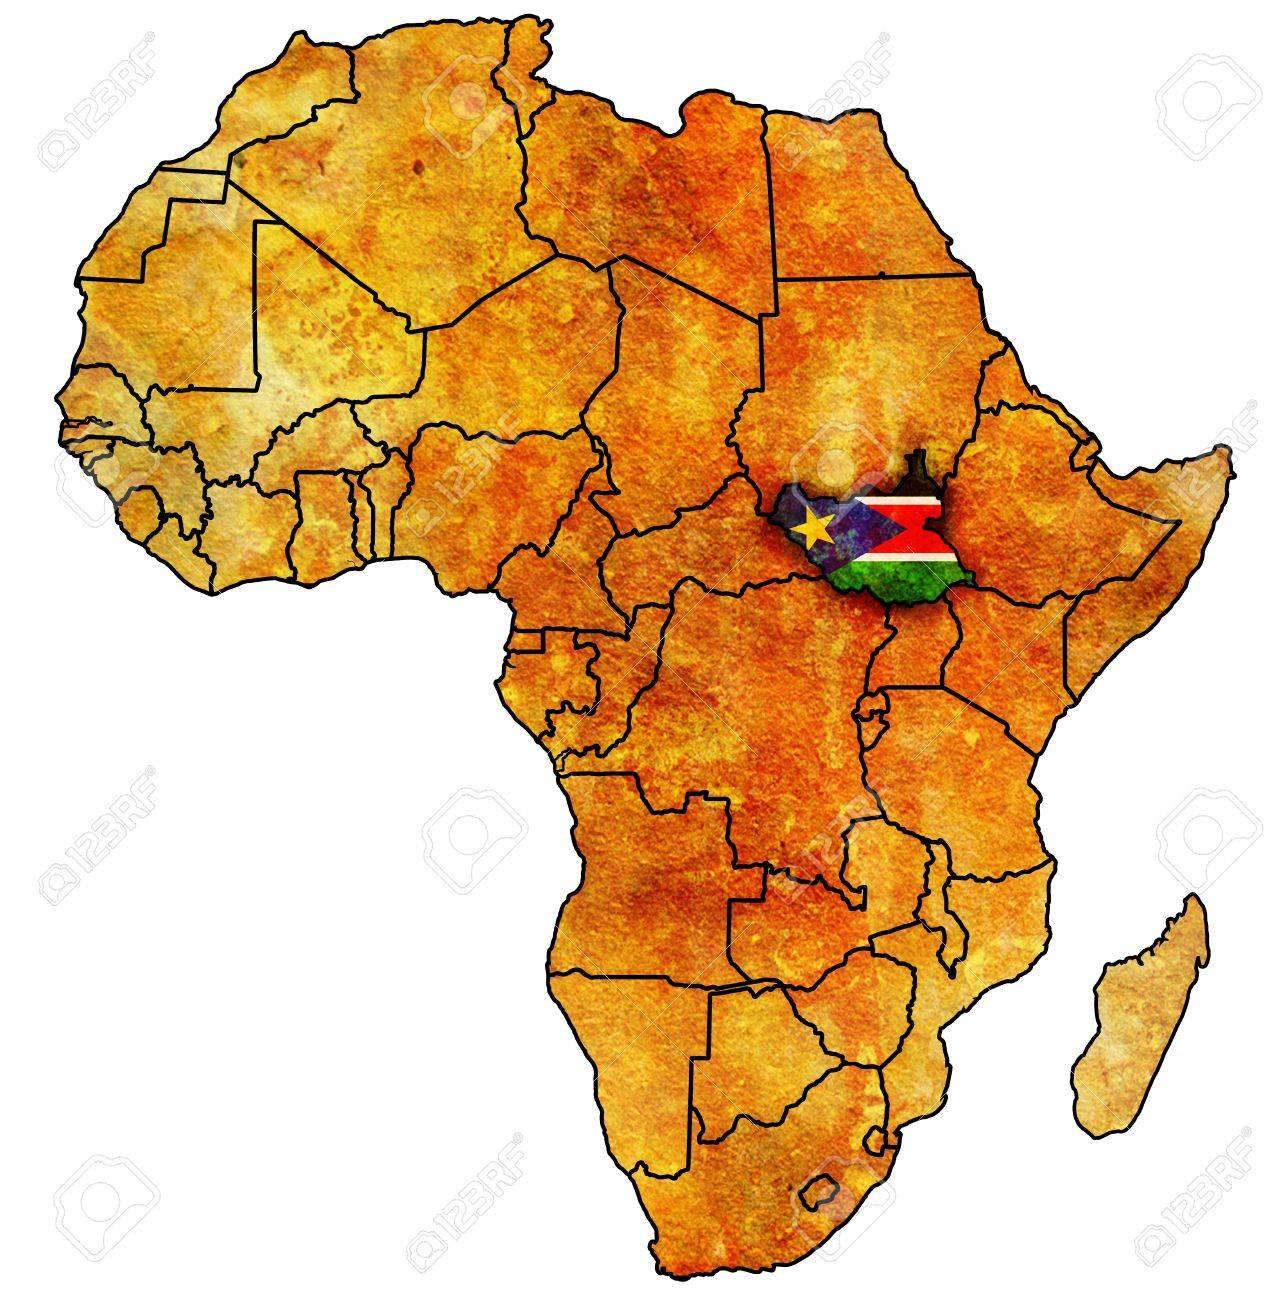 Carte Afrique Avec Soudan Du Sud.Sud Soudan Le Veritable Carte Politique Millesime De L Afrique Avec Des Drapeaux